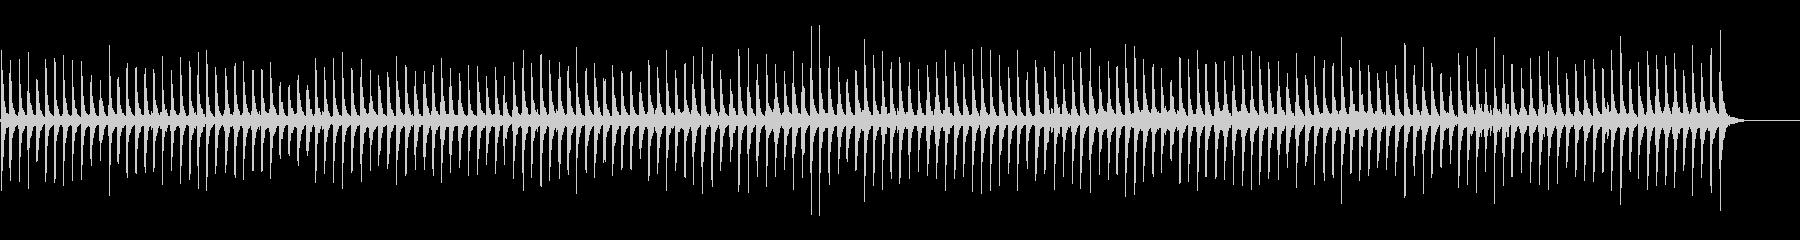 【生録音】スレイベル「シャン」長めの未再生の波形